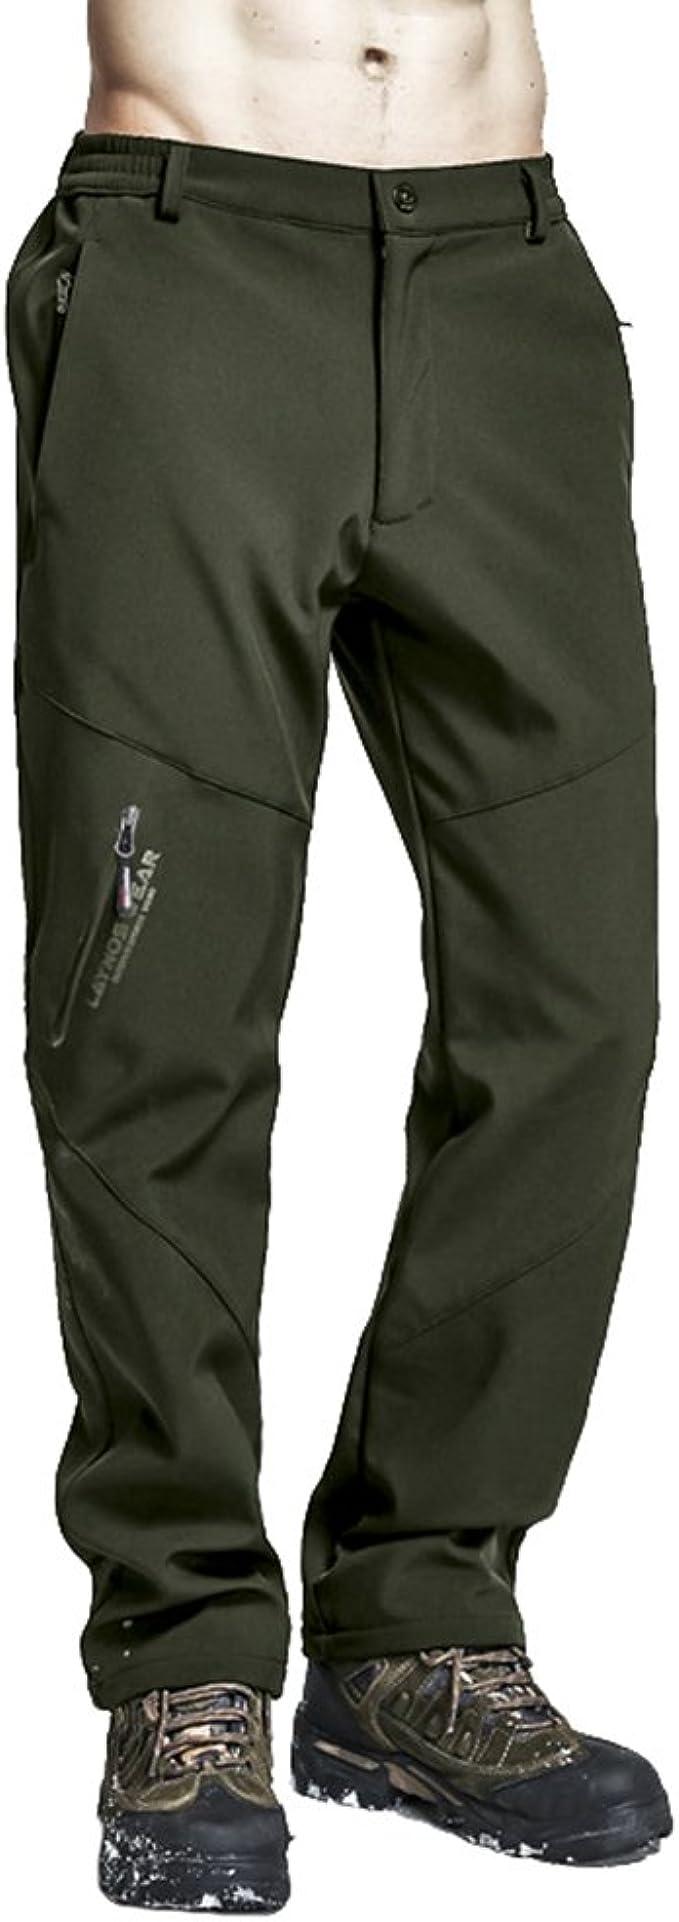 Zhiyuanan Hombre Pantalones De Invierno Softshell De Forro Polar De Cálido Outdoor Impermeable Montaña Trekking Pantalon De Esquí De Nieve con Cintura ...